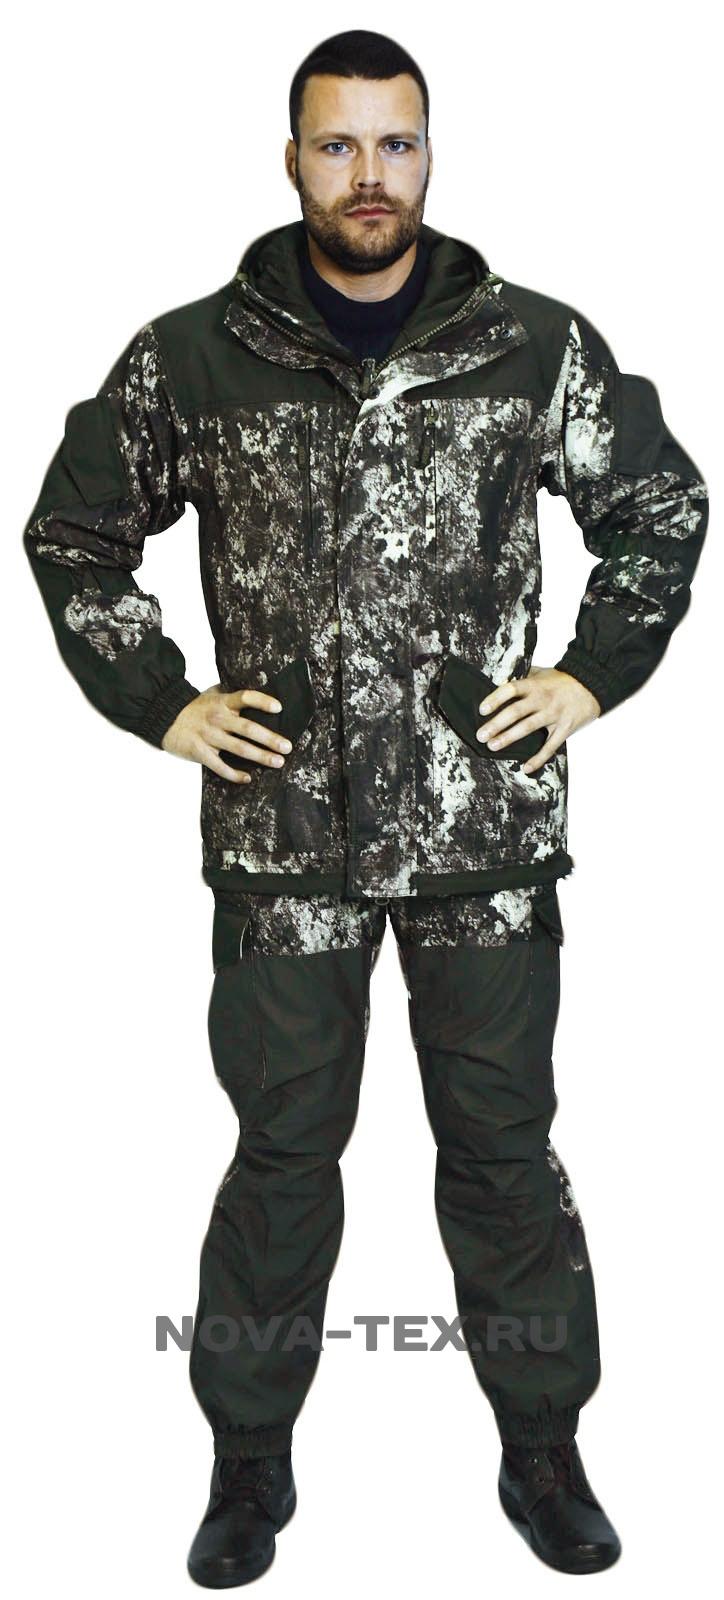 Костюм мужской Горка Осень-Дуплекс (130-61-1), Костюмы утепленные<br>Костюм «Горка Осень» ( ТМ «Payer») - разработан <br>в компании Novatex на основе легендарного костюма <br>«Горка», используемого в спецподразделениях, <br>а также огромным числом любителей всевозможного <br>экстрима. Костюм «Горка Осень» состоит <br>из куртки и брюк на подтяжках. Отличается <br>специальным анатомическим кроем, характерным <br>для данной линии одежды. Он не стесняет <br>движений, дает свободу перемещения в условиях <br>пересеченной местности. Верхний слой изготовлен <br>из современной ткани «Дуплекс», обладающей <br>отличными ветрозащитными свойствами, подкладка <br>из мягкого гипоаллергенного флиса обеспечивает <br>комфорт и тепло. Места повышенного износа <br>имеют дополнительное усиление мембранной <br>тканью «кошачий глаз», которая не пропускает <br>влагу снаружи, отводит ее изнутри и обладает <br>повышенной износостойкостью. Рекомендован <br>для военных, охотников, рыбаков, туристов, <br>любителей военно-спортивных игр, представителей <br>силовых структур. Особенности модели: -ветрозащитная <br>ткань -двойная ветрозащитная планка -анатомический <br>крой -двухзамко<br><br>Пол: мужской<br>Сезон: лето<br>Цвет: серый<br>Материал: текстиль